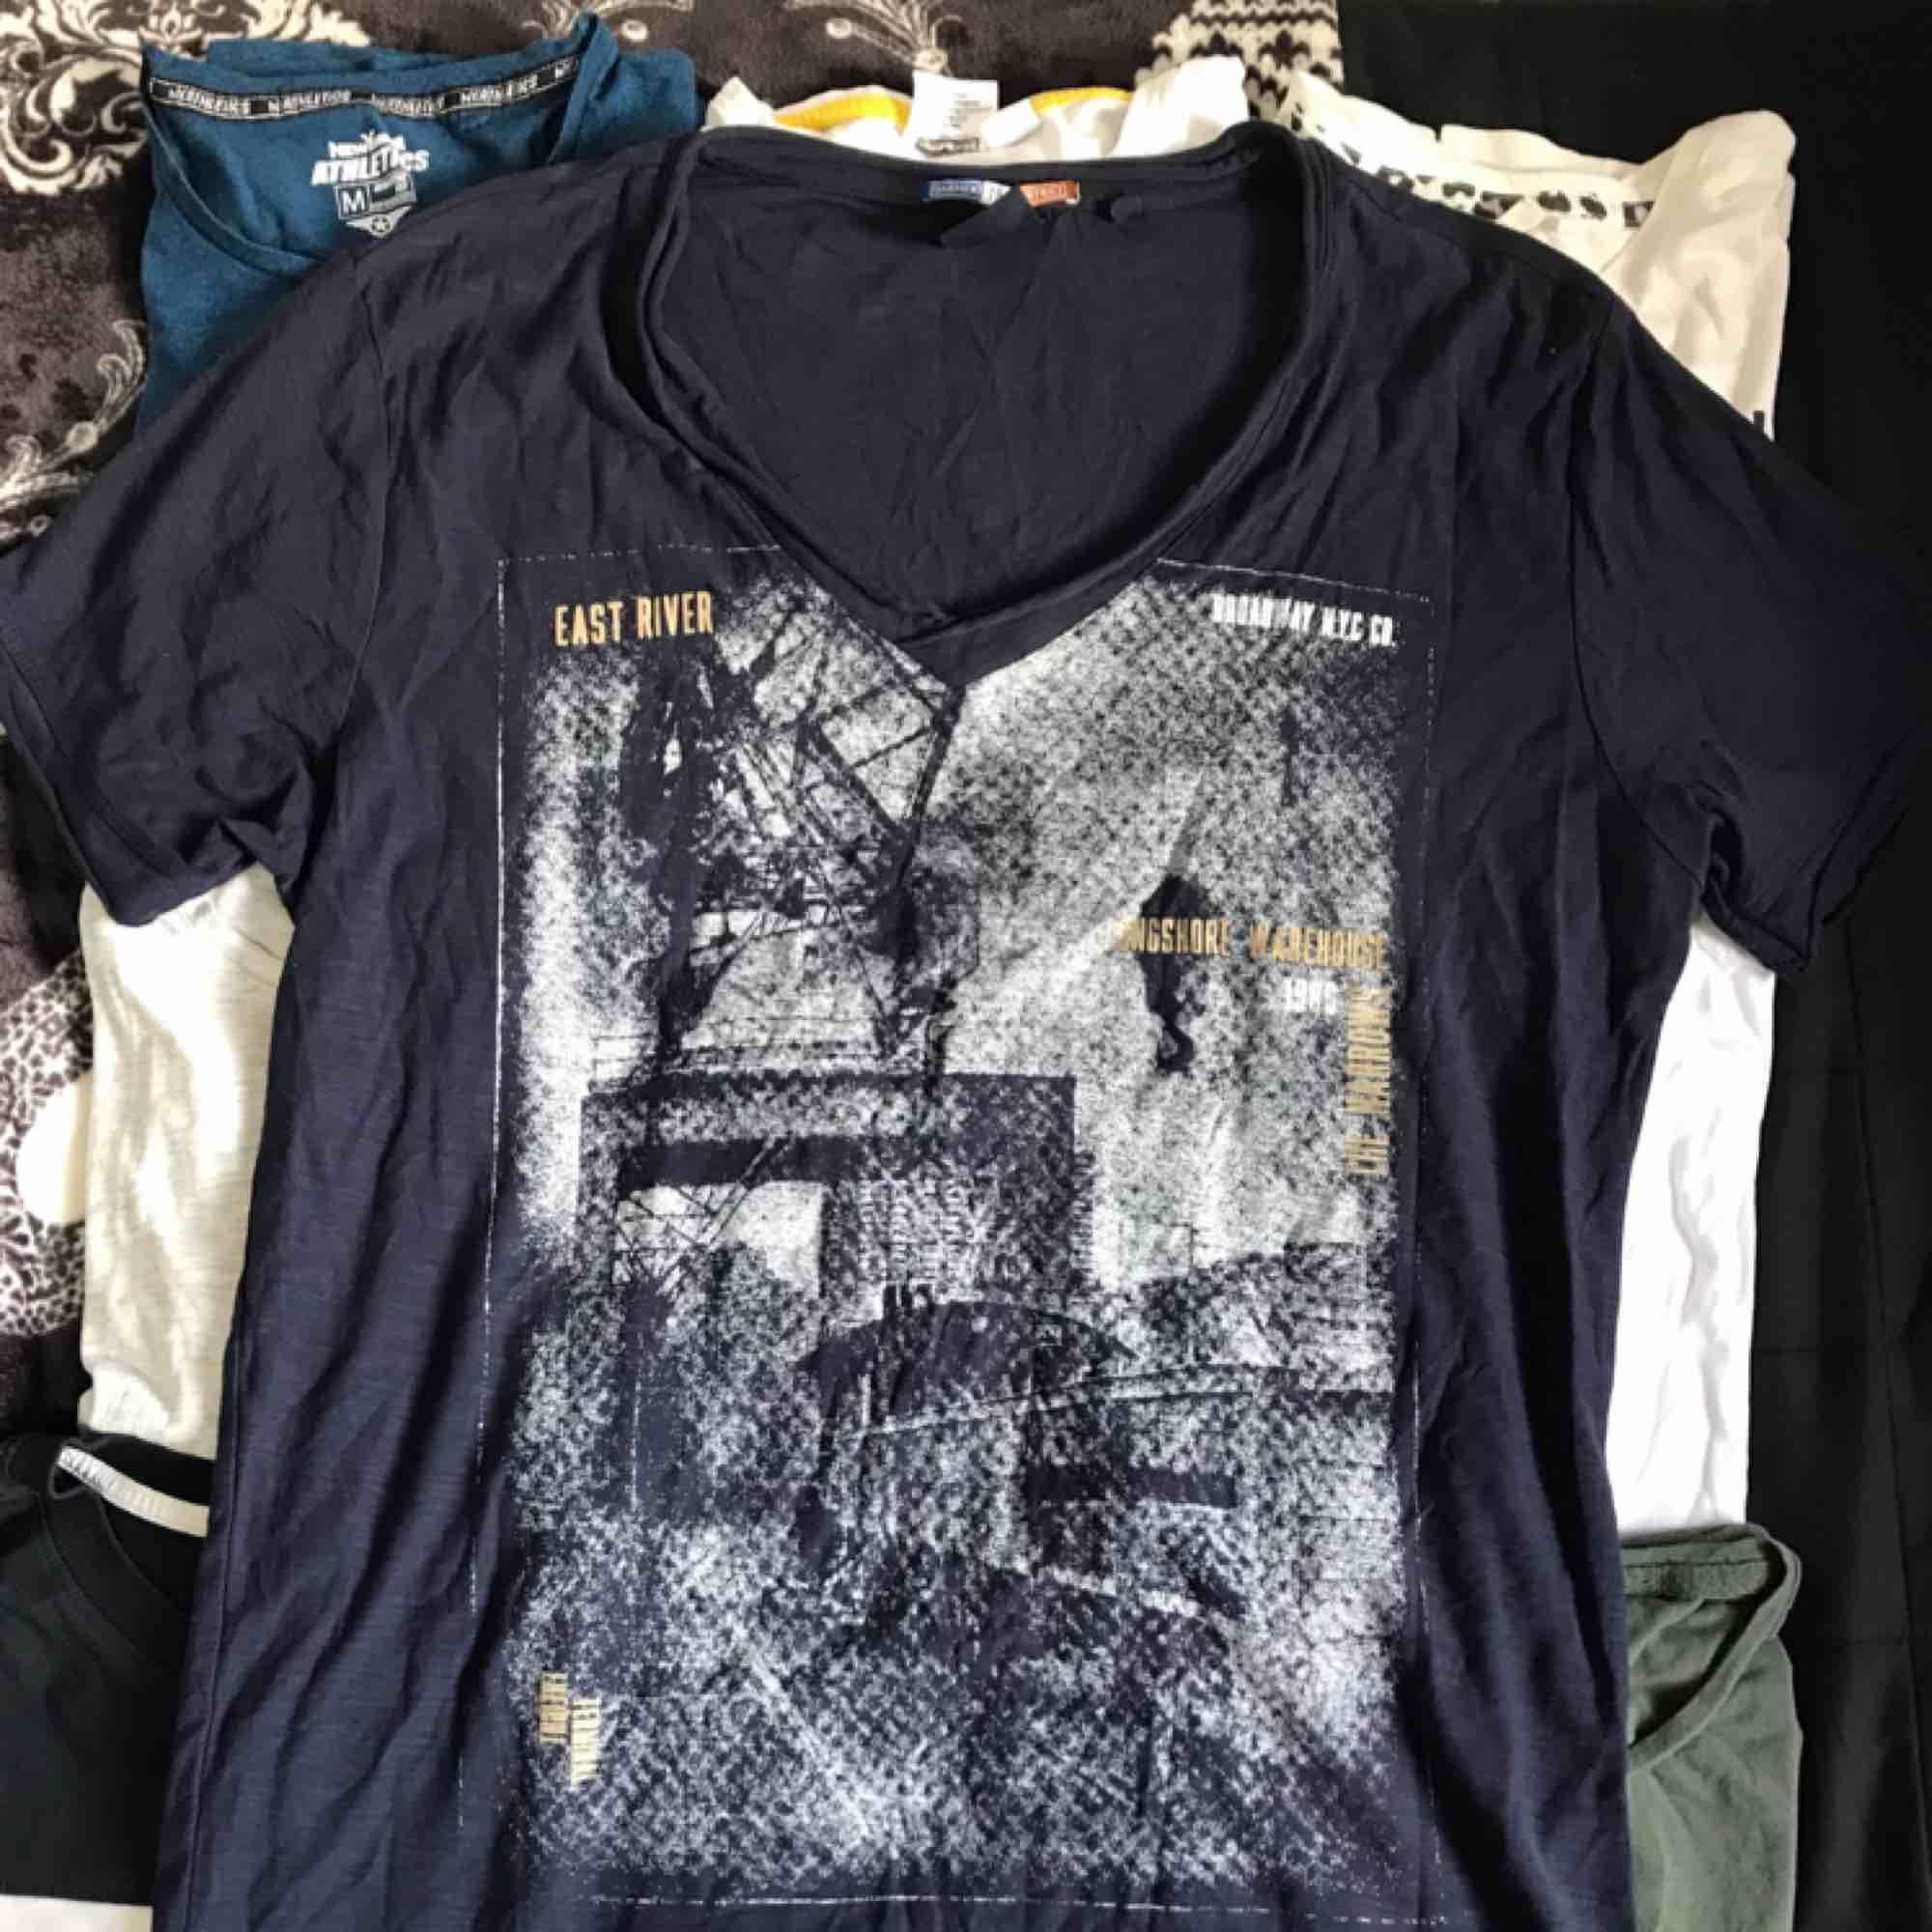 Allt är i bra skick! 20kr styck eller paketpris 200kr. T-shirts.